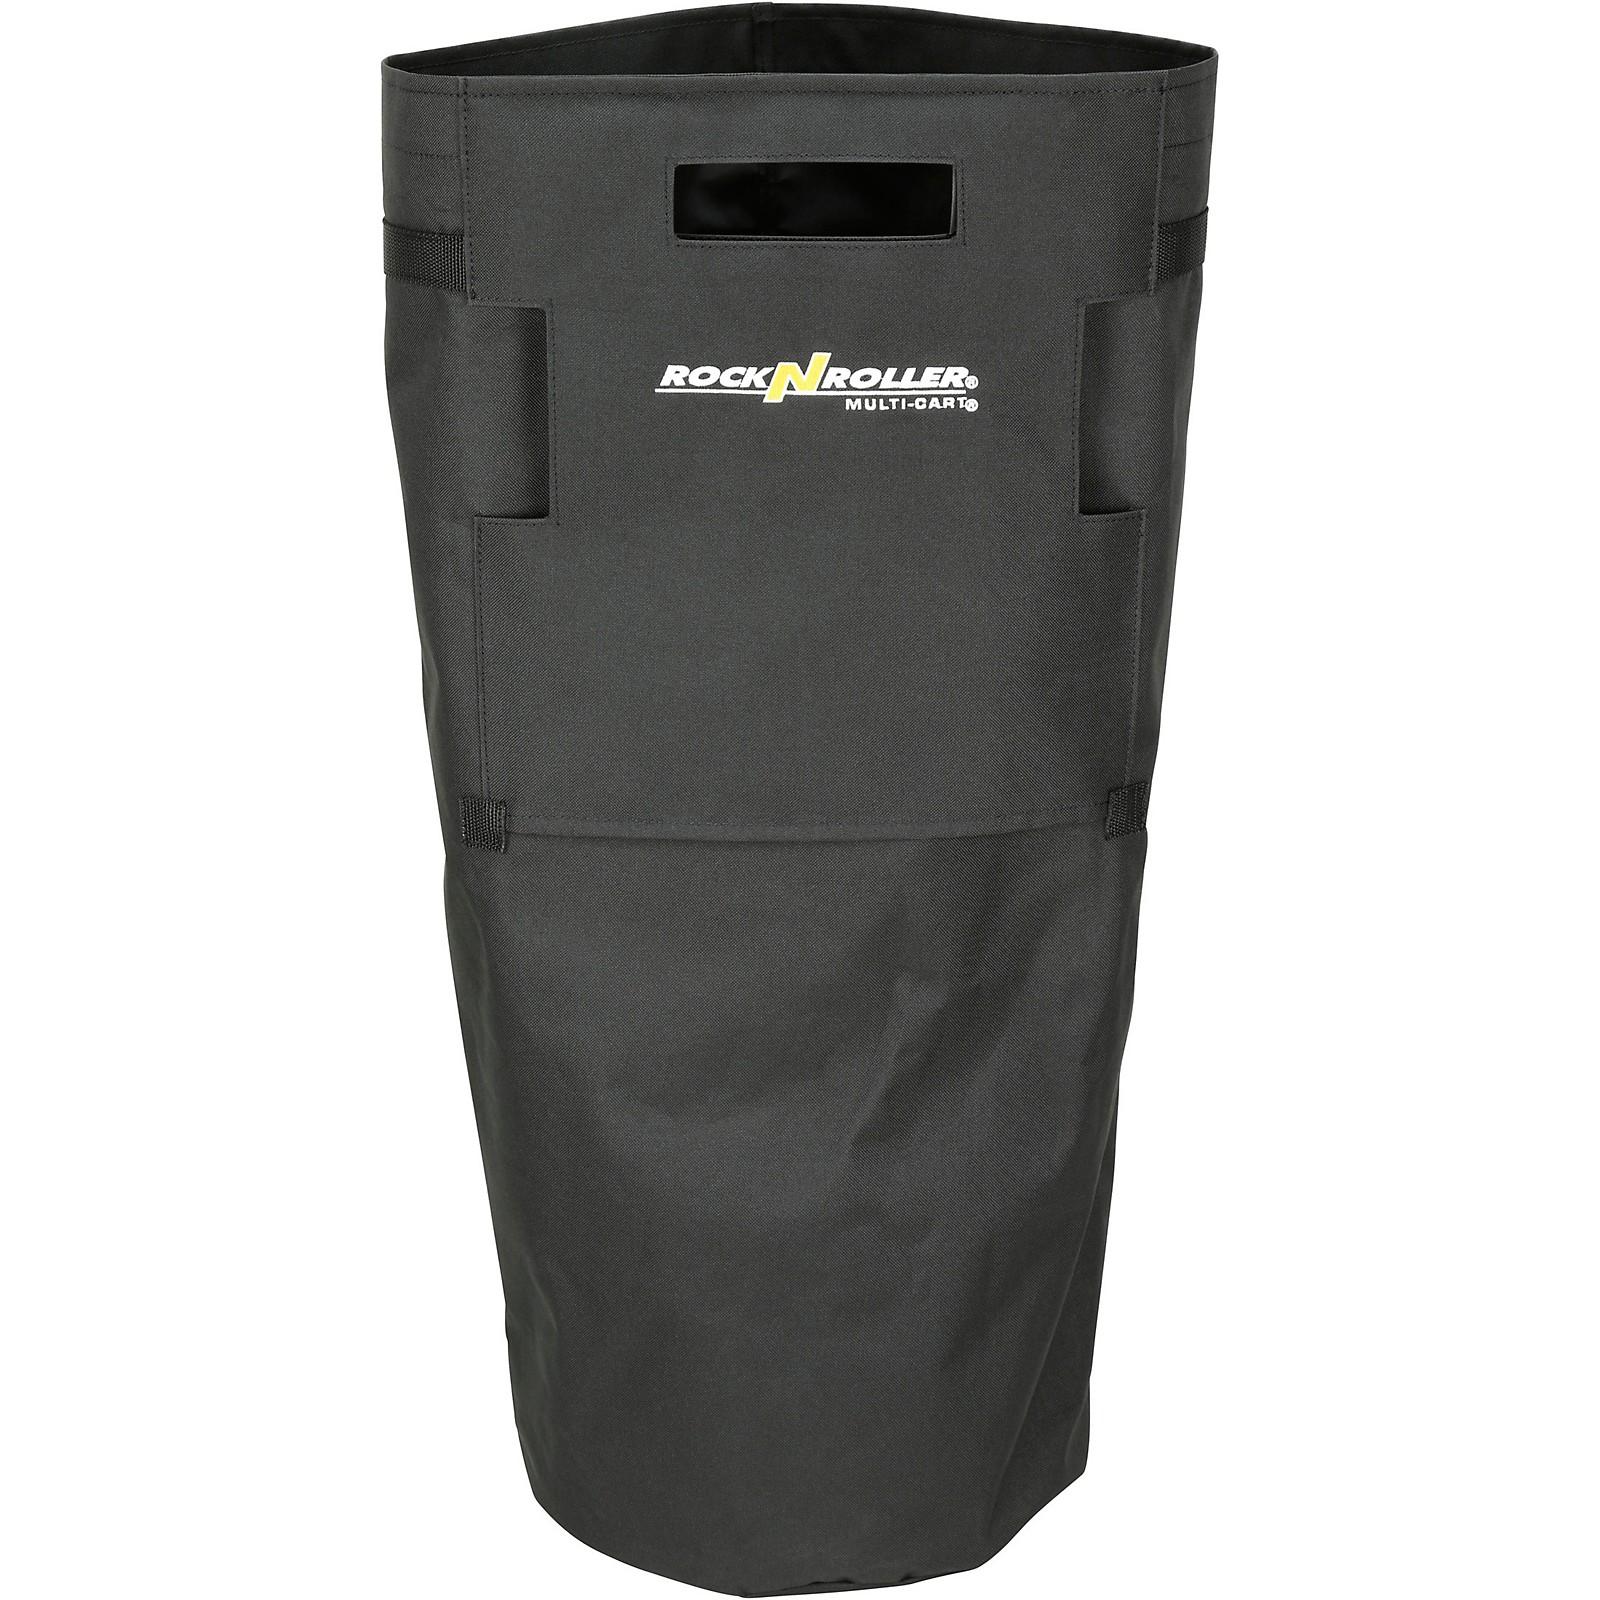 Rock N Roller RSA-HBR8 Handle Bag With Rigid Bottom (Fits R8, R10, R12 Carts)